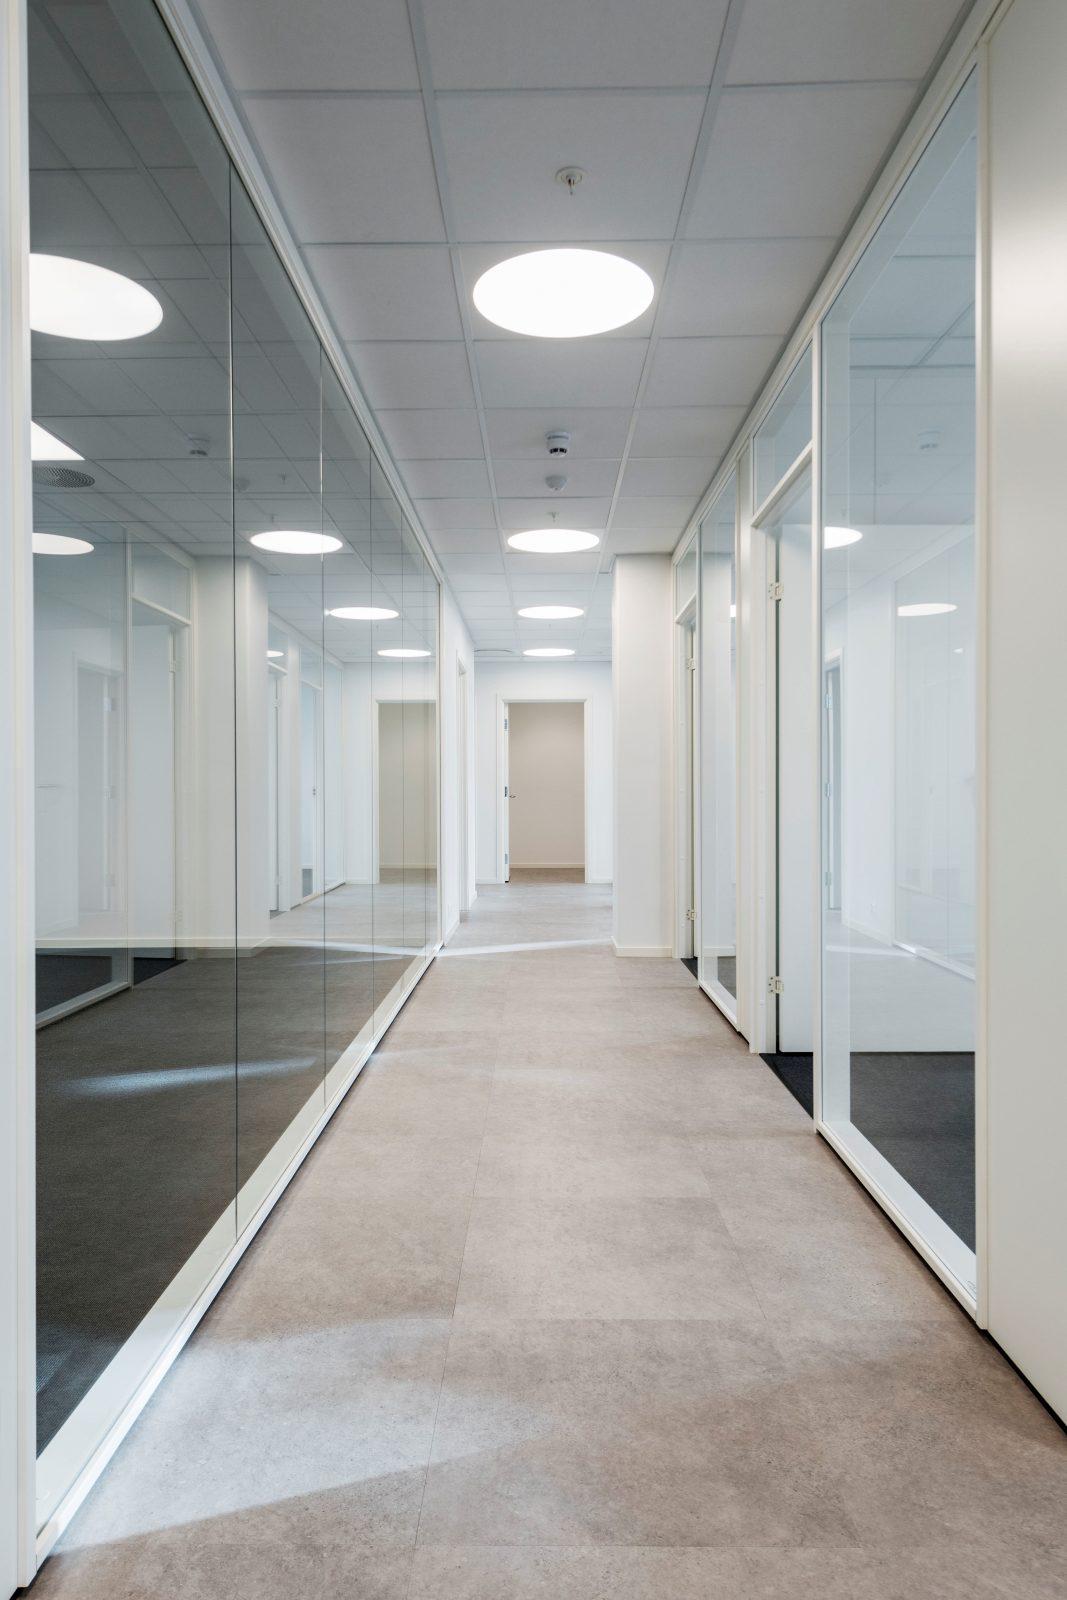 Glassvegger gir rom og lys